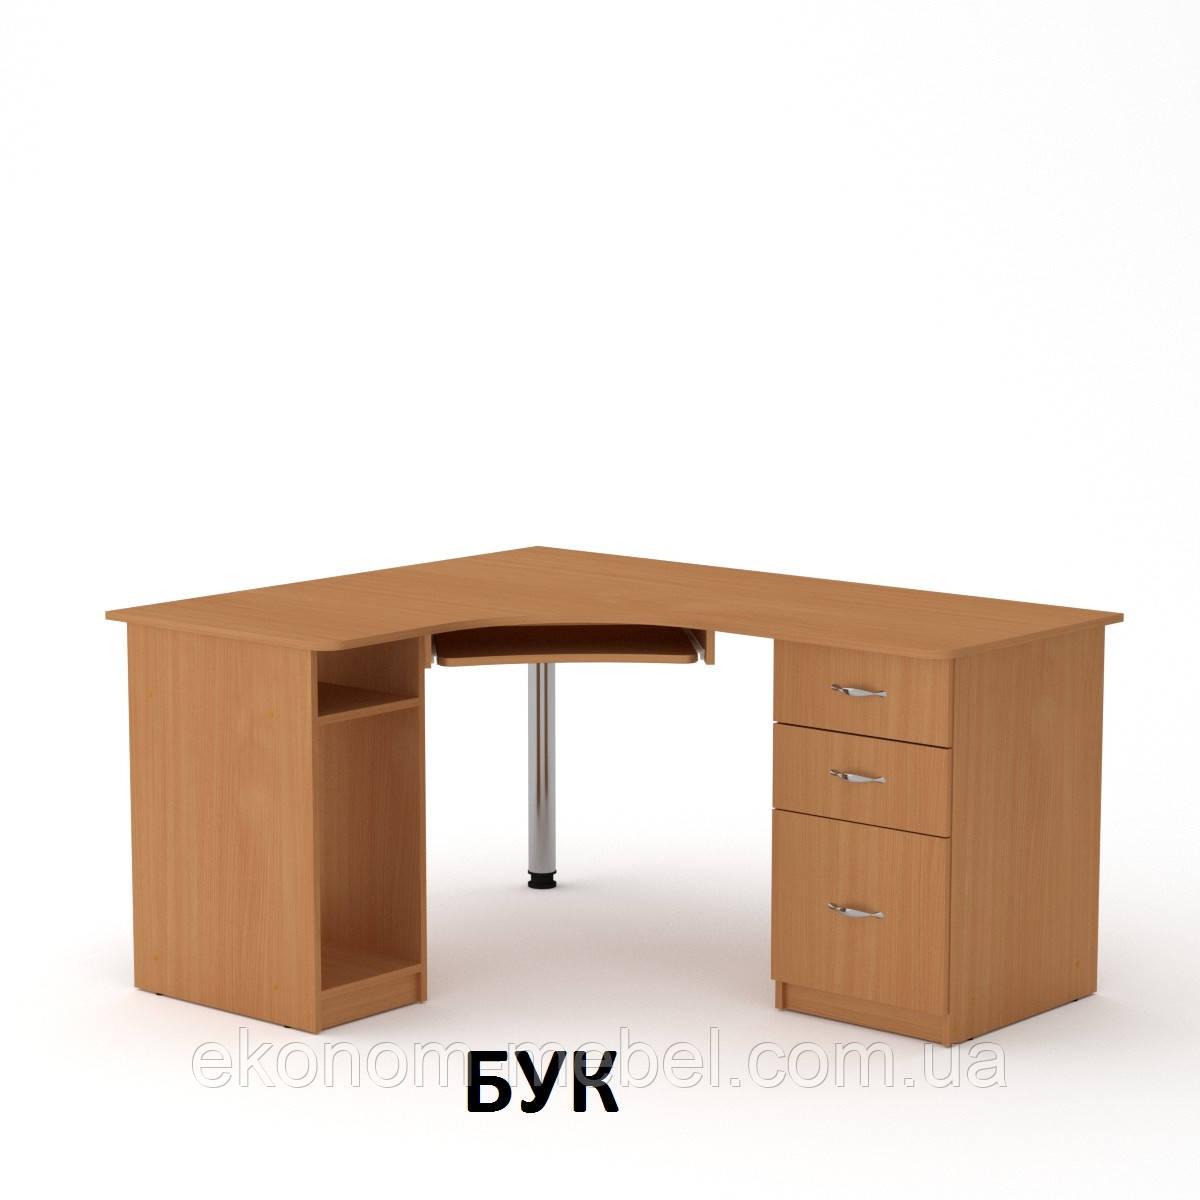 Угловой компьютерный стол СУ-9 простой, игровой